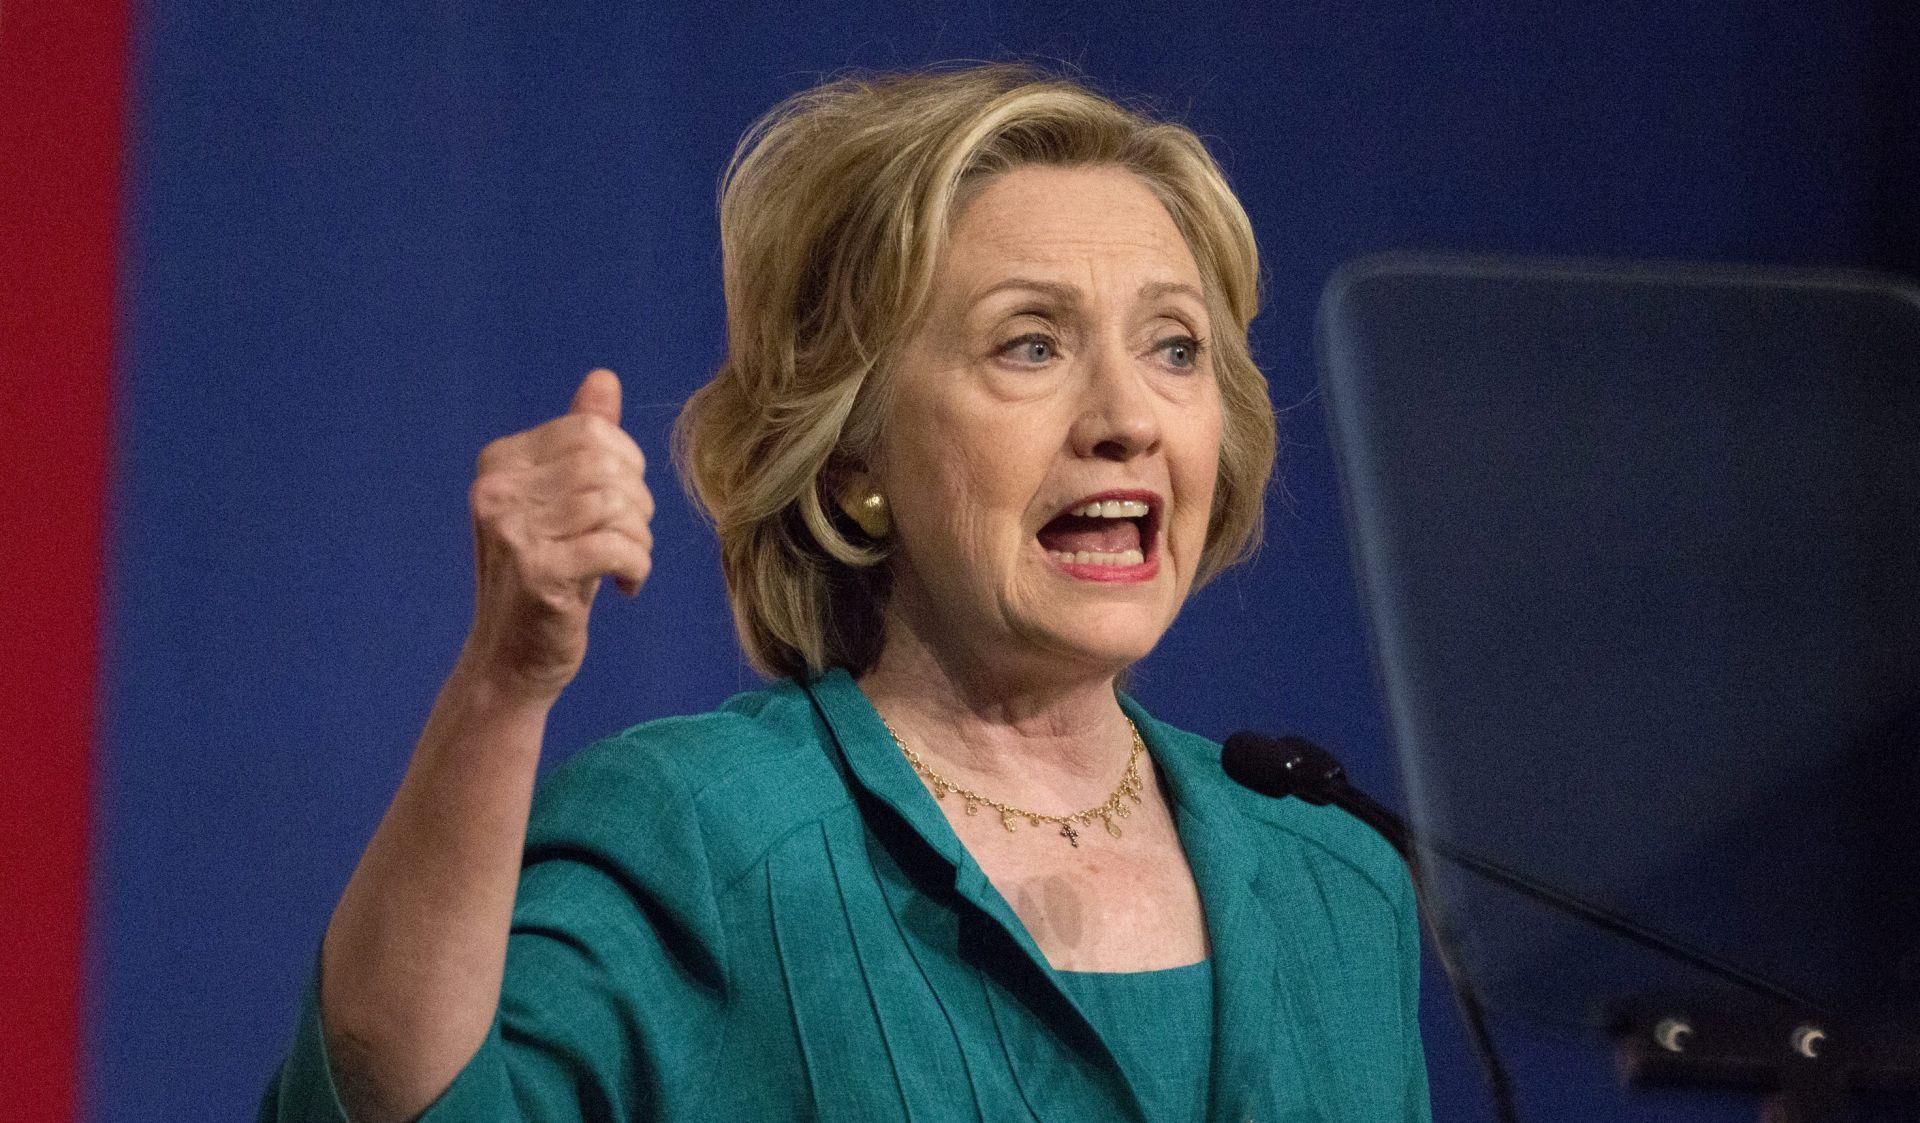 SKANDAL PREDSJEDNIČKE KANDIDATKINJE: Stotinjak mailova Hillary Clinton sadržavalo povjerljive informacije